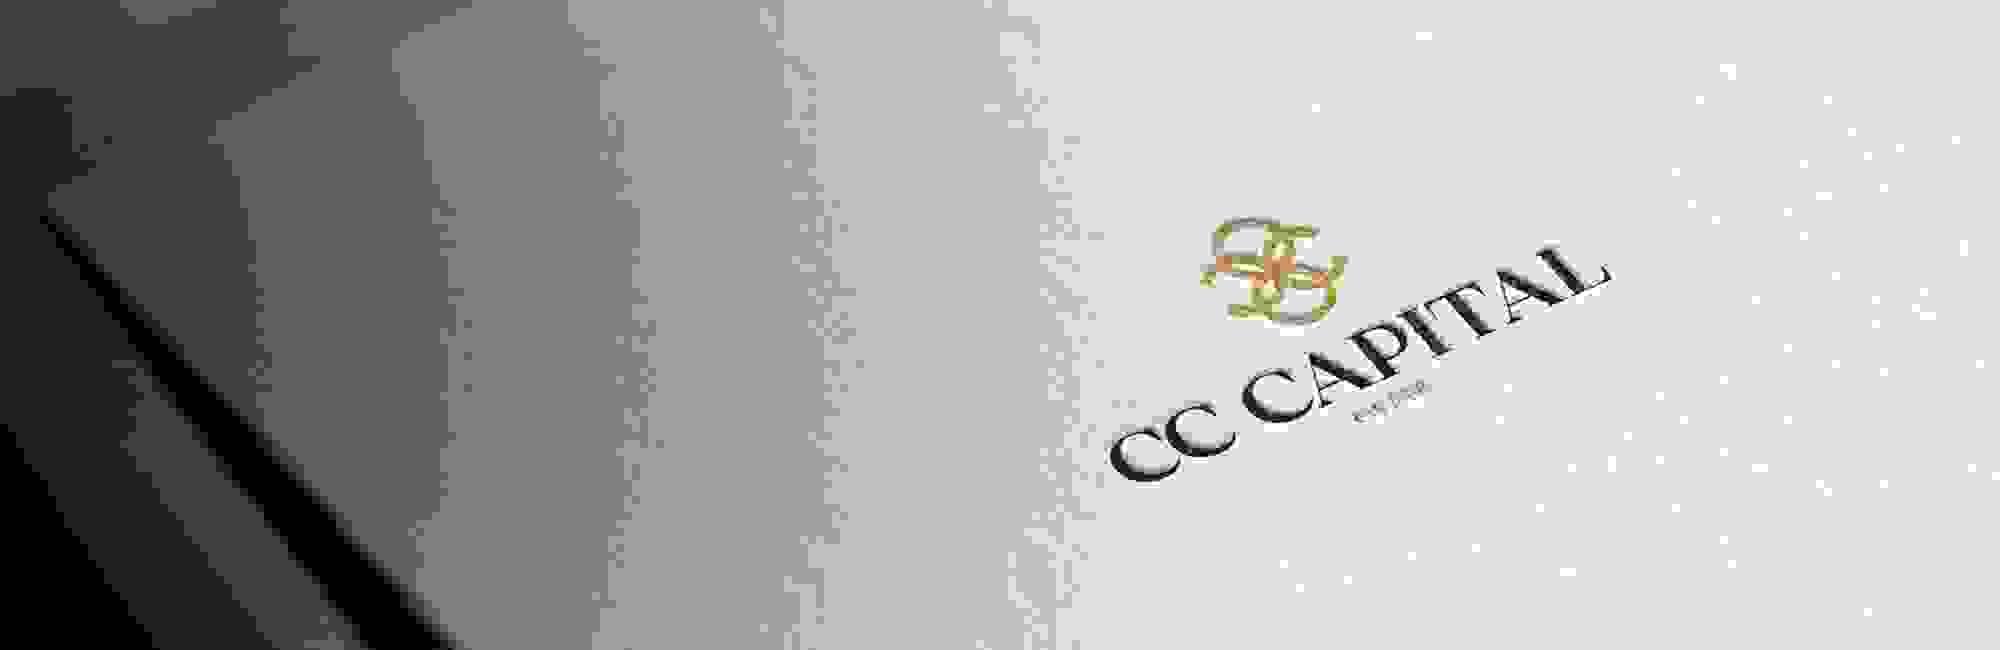 cc-capital